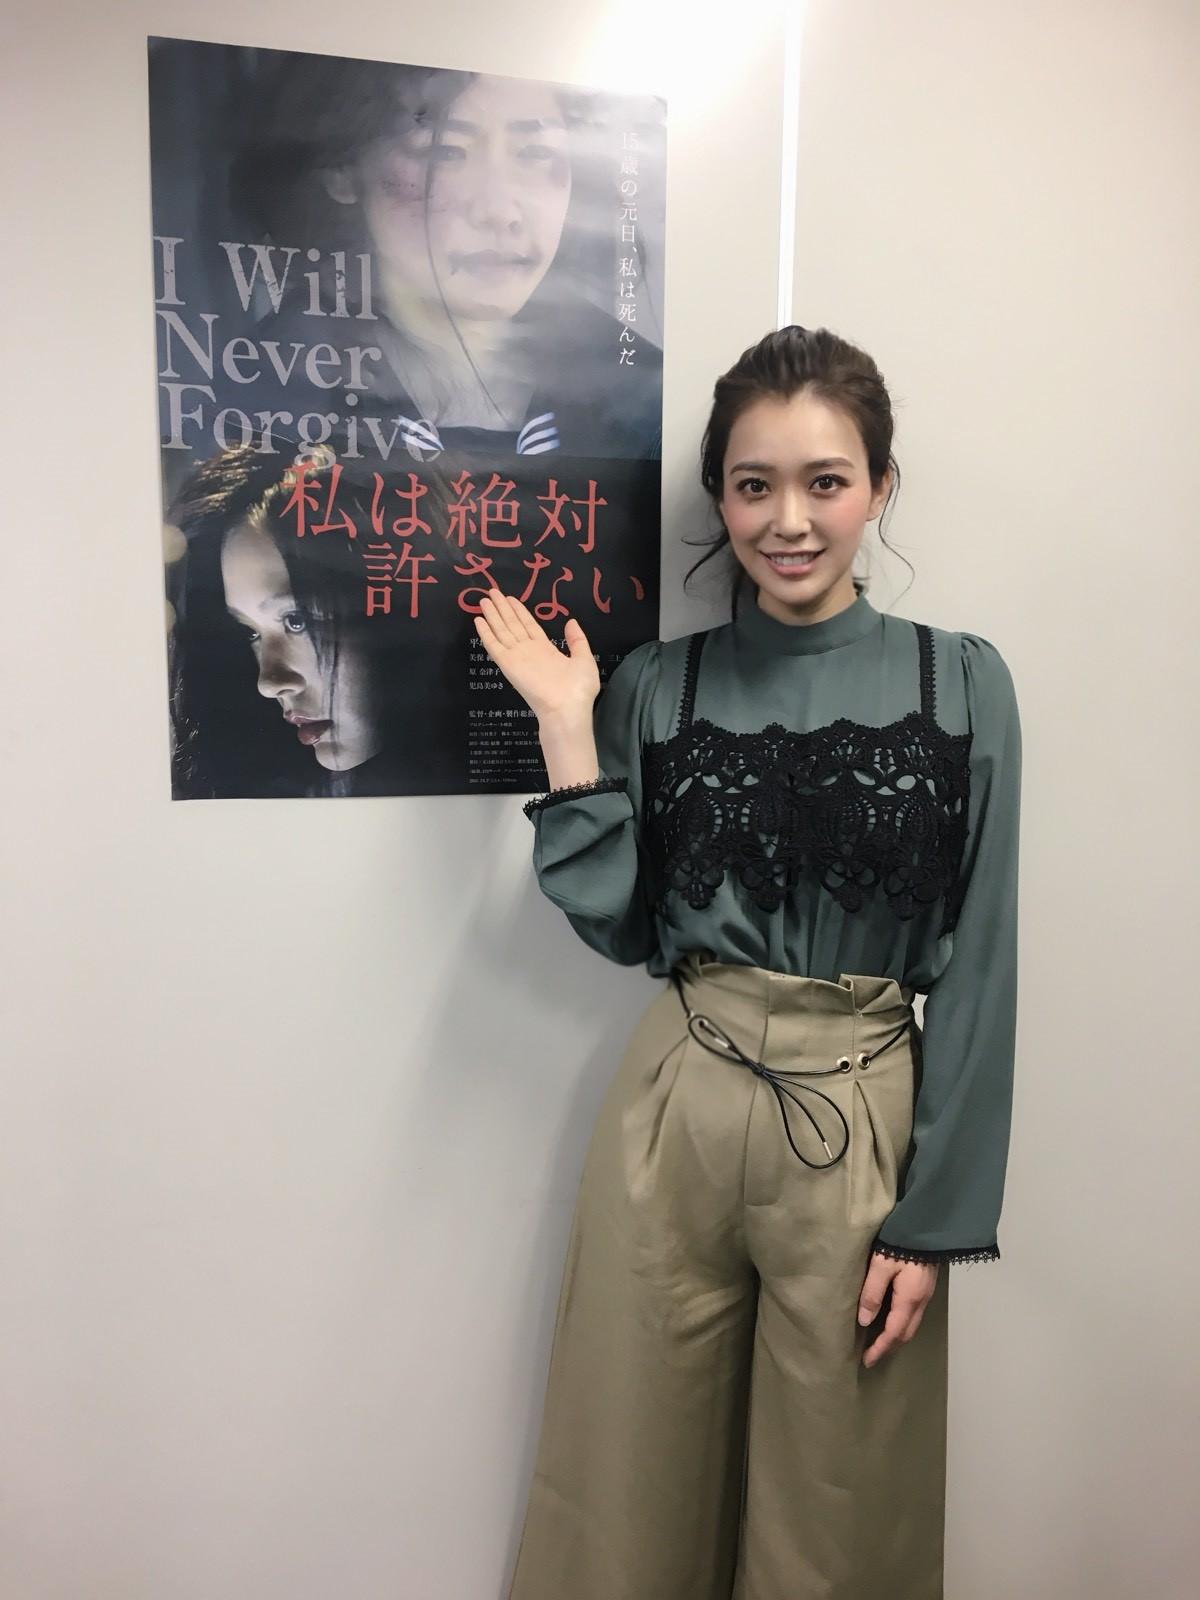 平成16年度卒 平林千瑛さん主演の映画が国際映画祭で受賞:画像